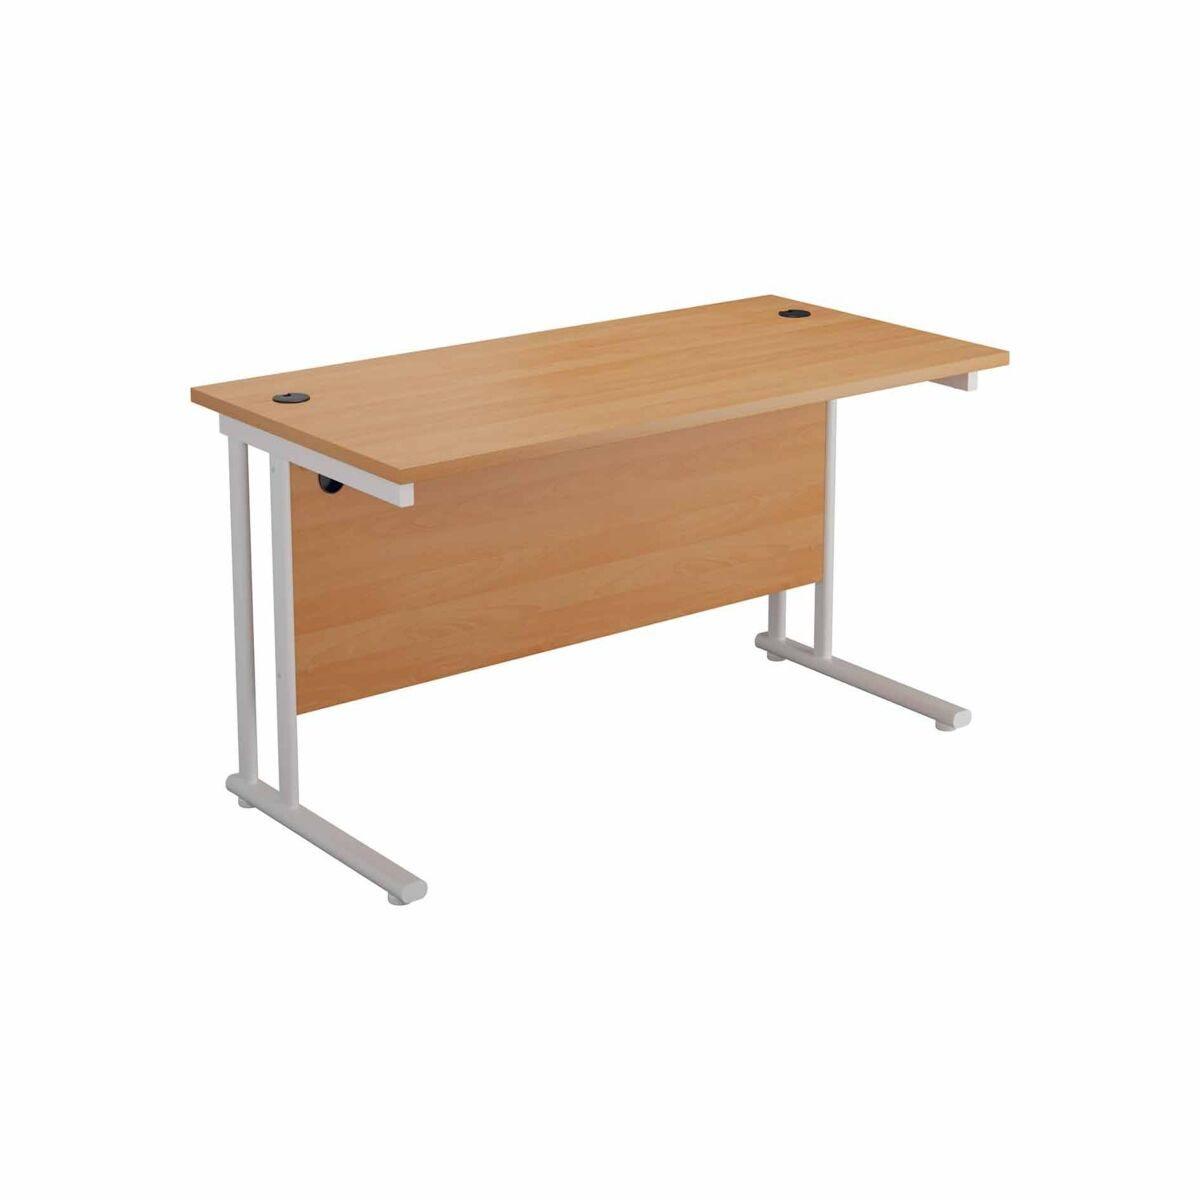 TC Office Start White Cantilever Frame Desk 1600x800mm